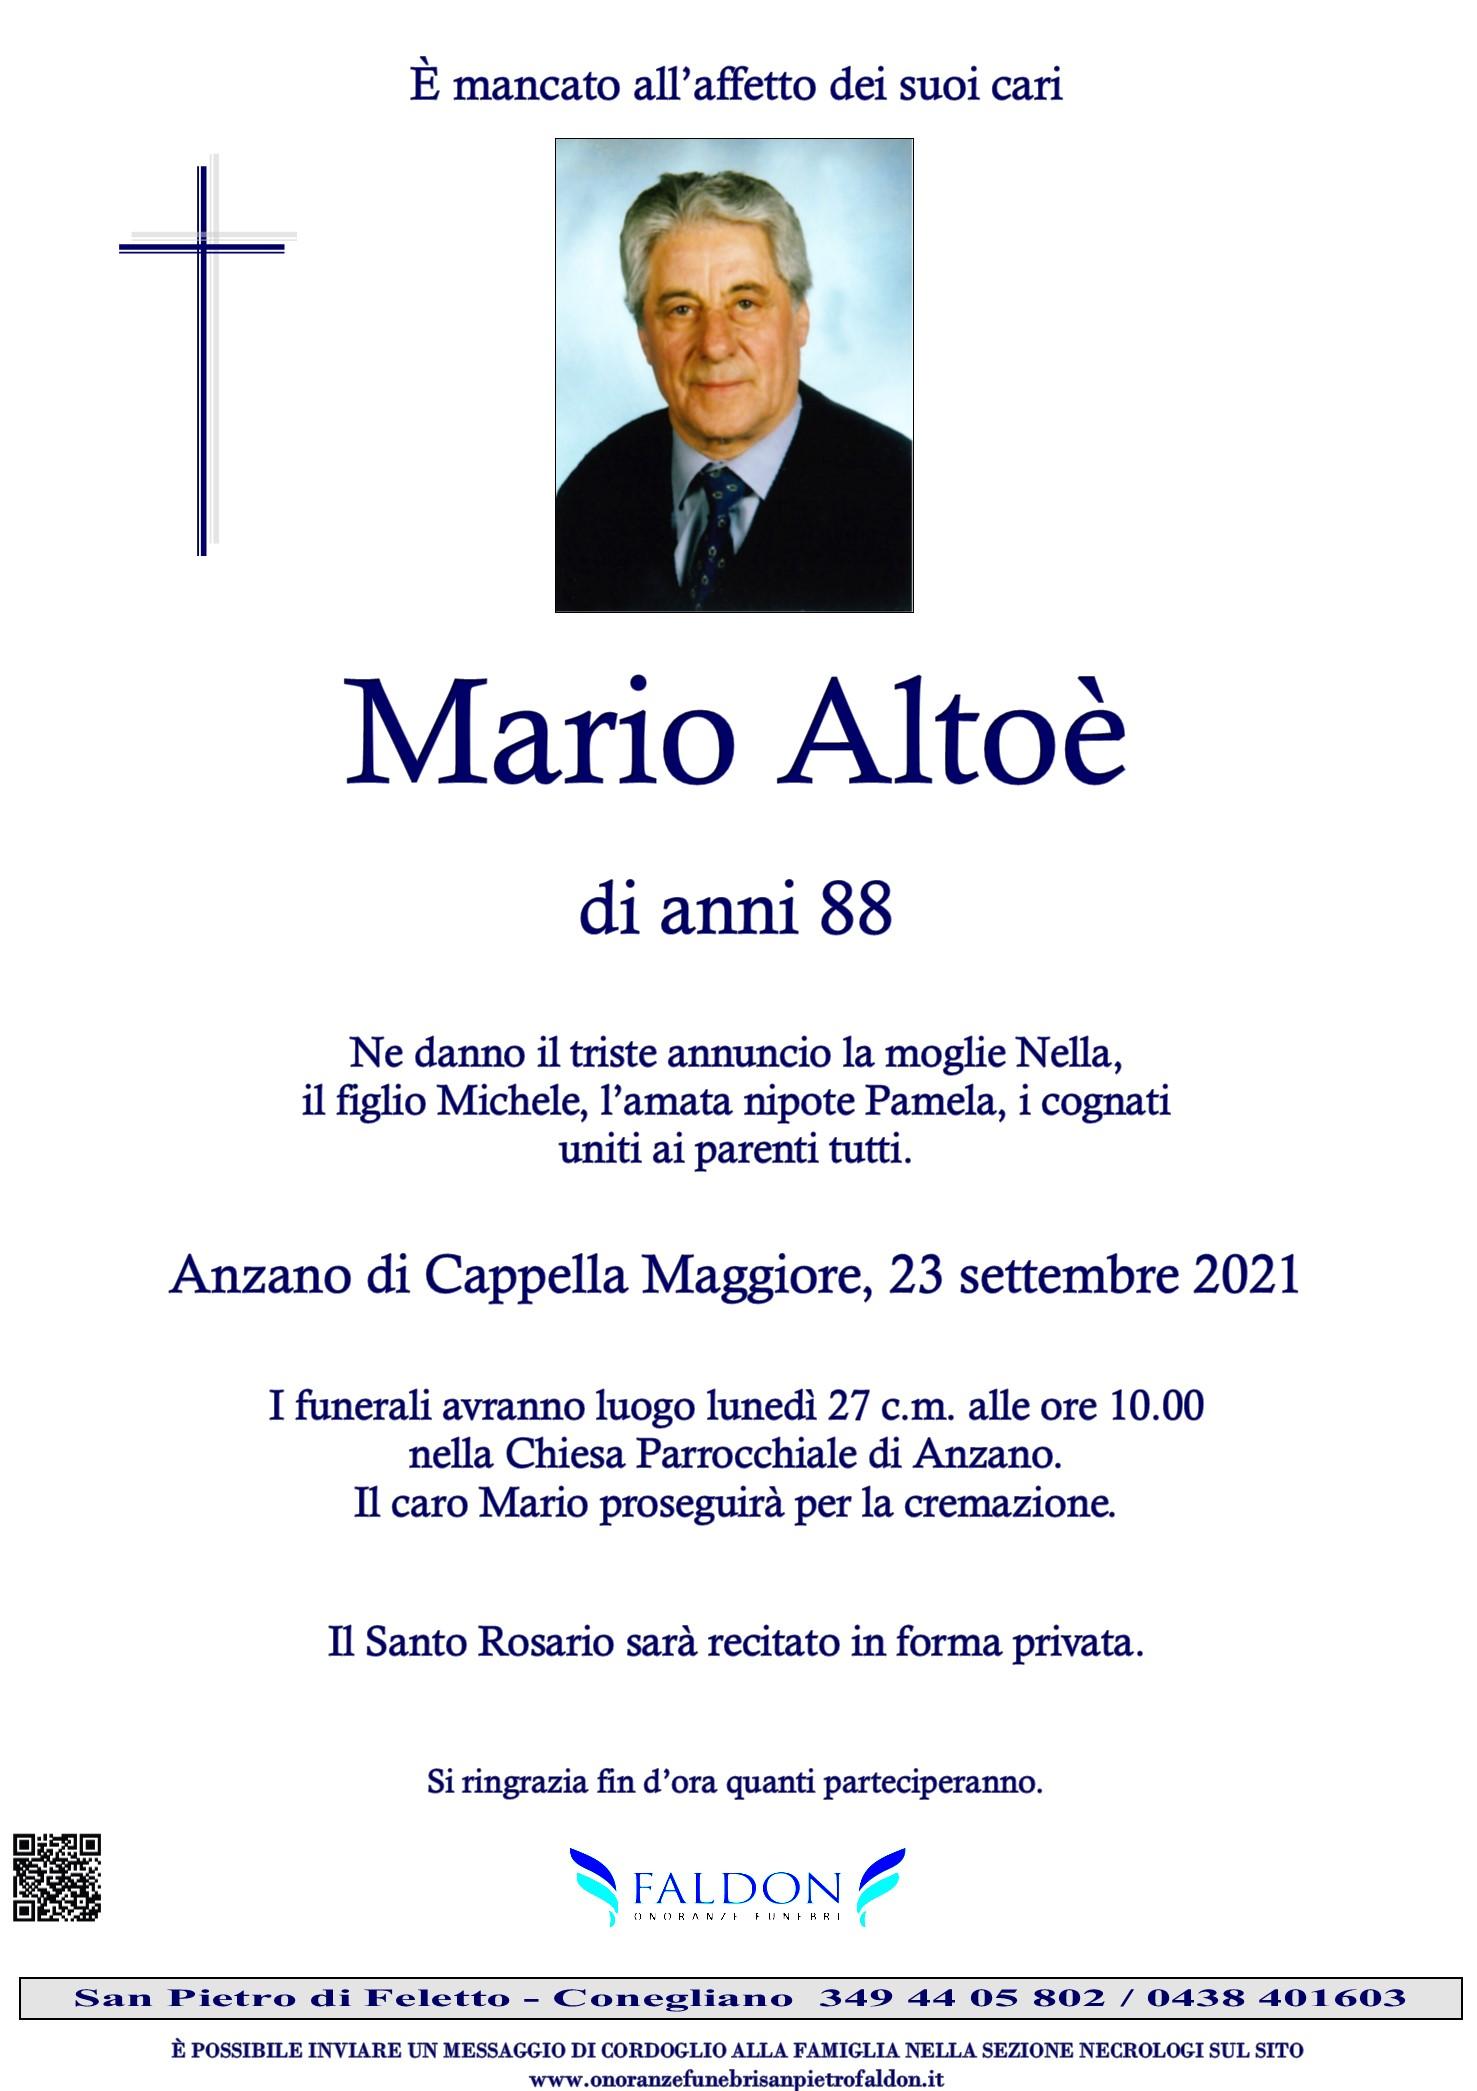 Mario Altoè